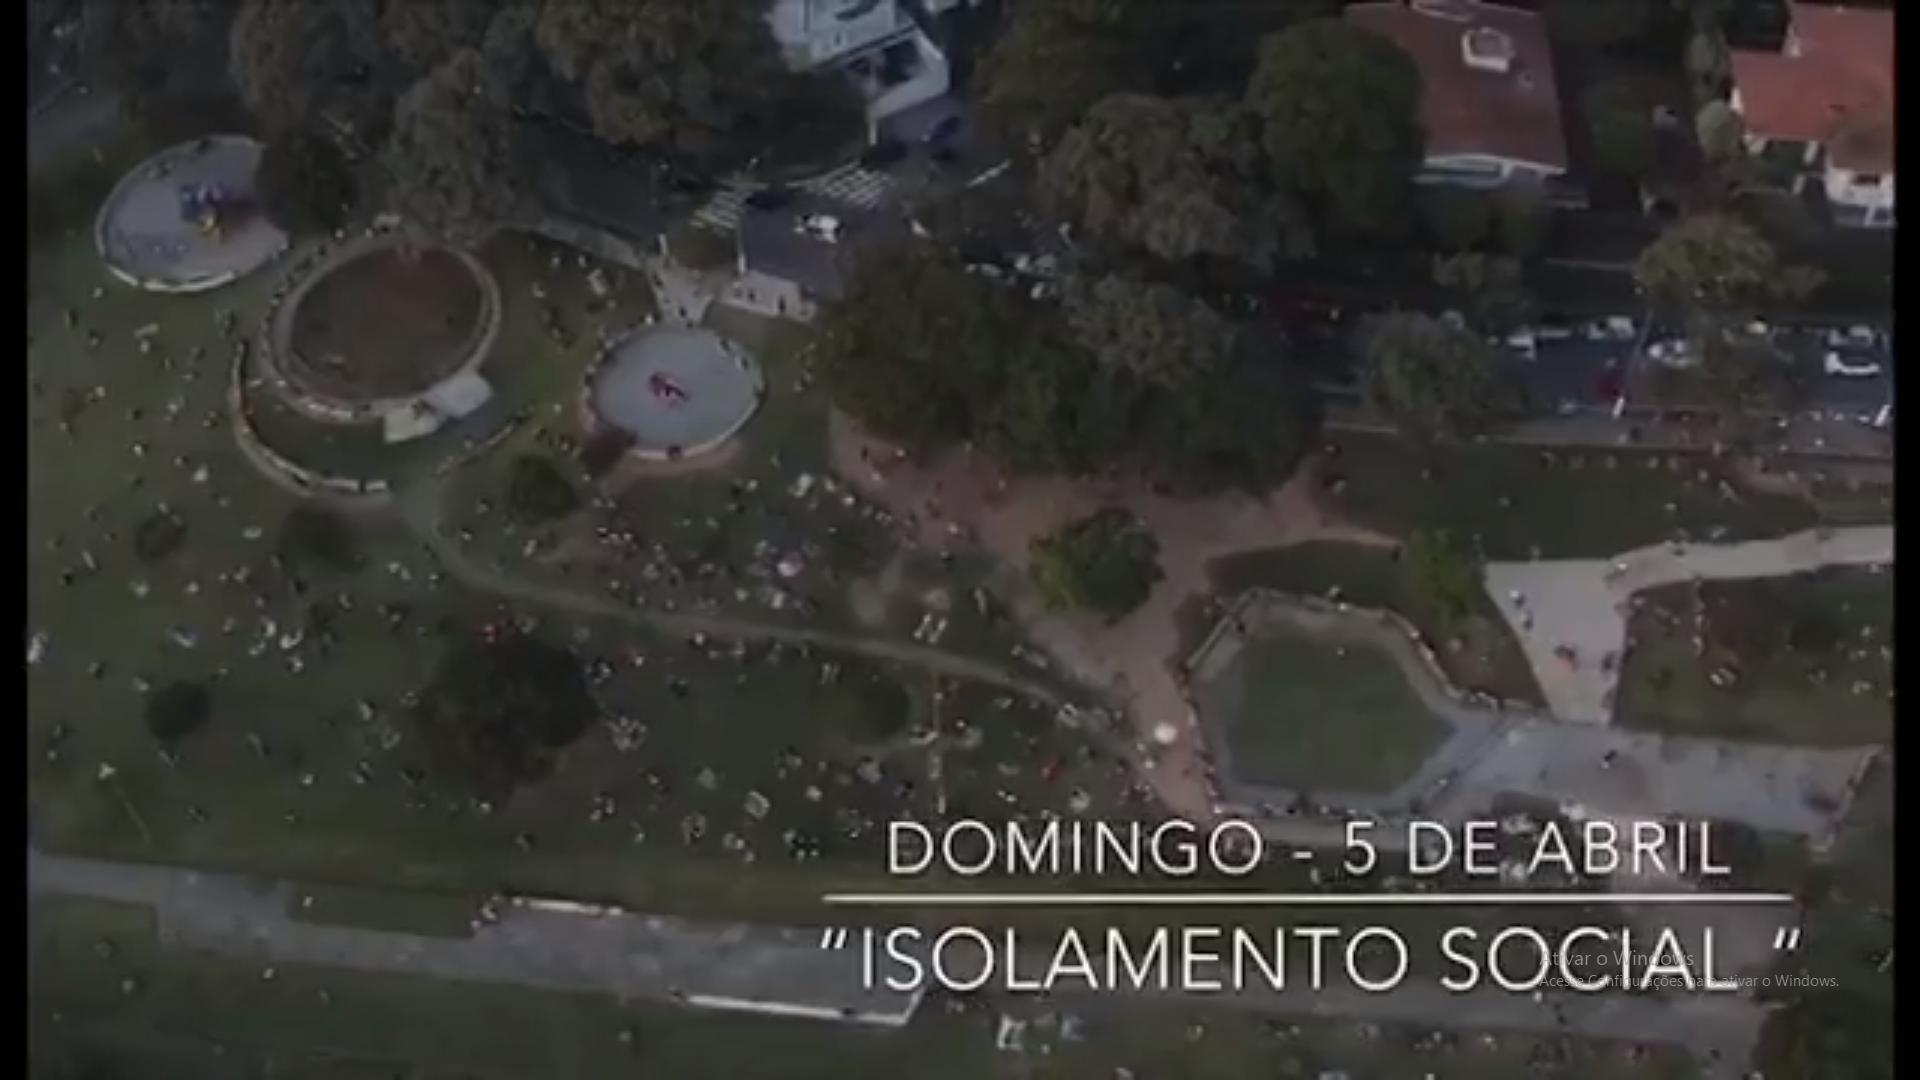 Praça Por do Sol dia 05 de abril 4 - Quarentena: Drone regista imagens da praça do Pôr do Sol na capital de SP e aparece LOTADA DE PESSOAS